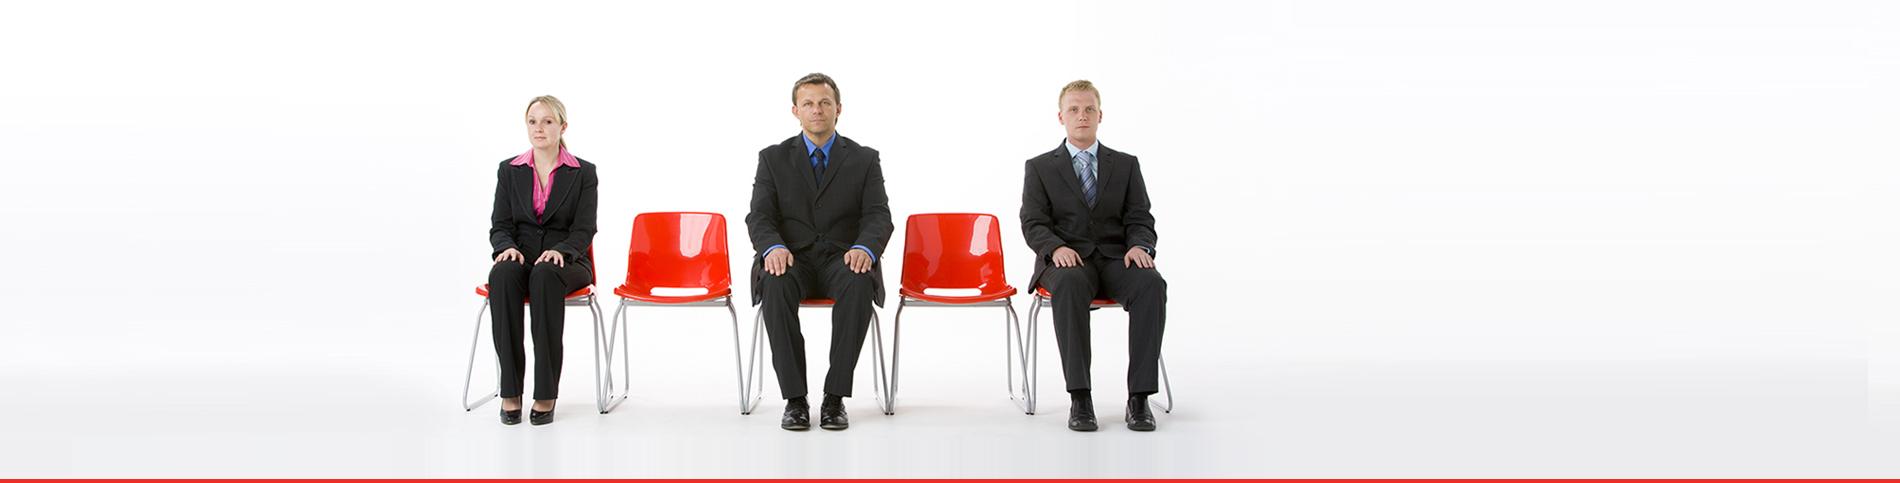 employeesfinal1900